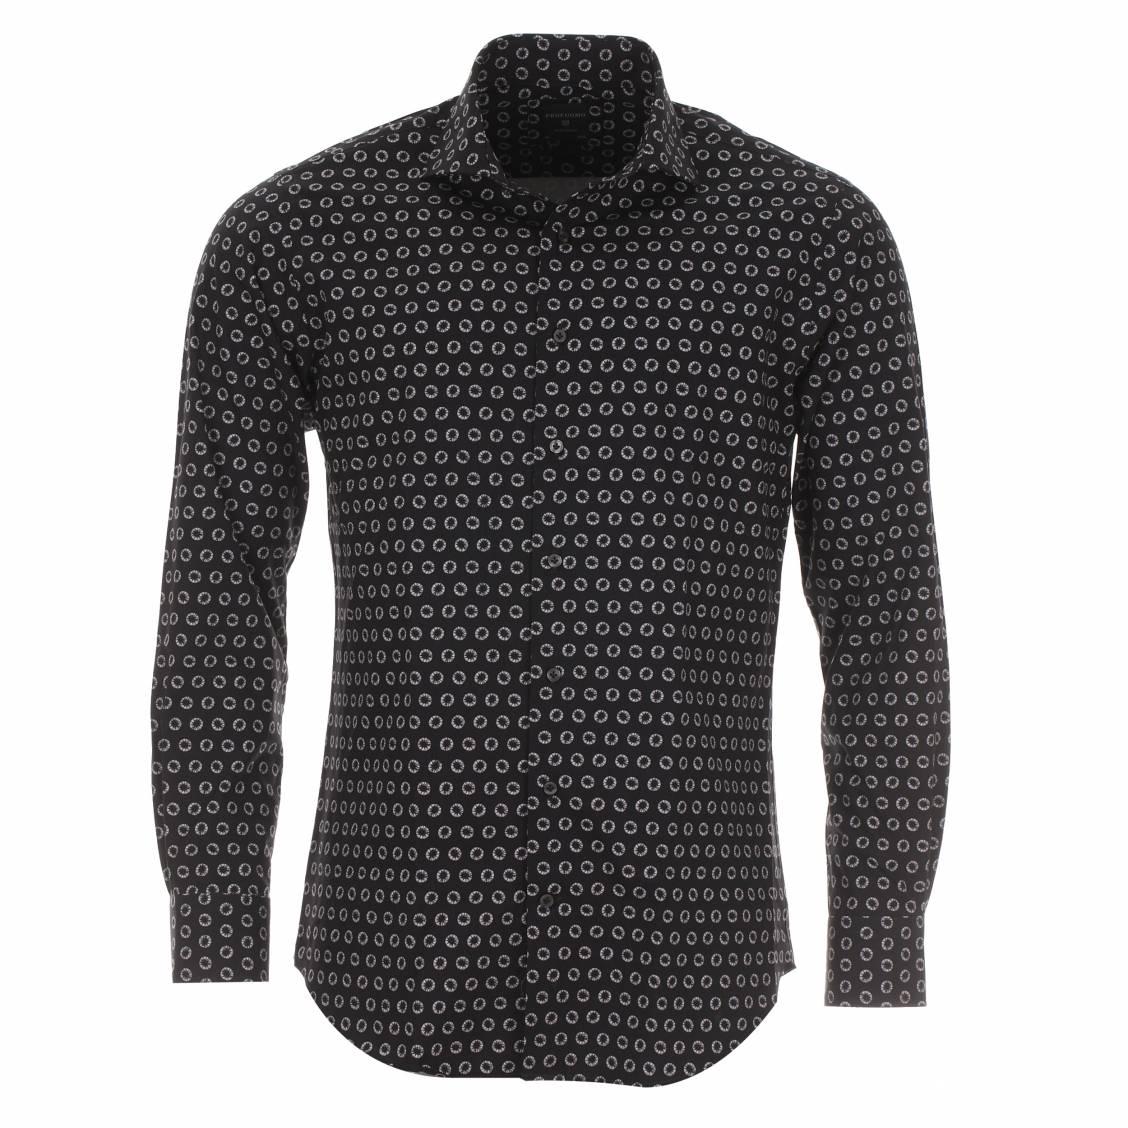 chemise cintr e profuomo sans repassage noire motifs ronds blancs rue des hommes. Black Bedroom Furniture Sets. Home Design Ideas